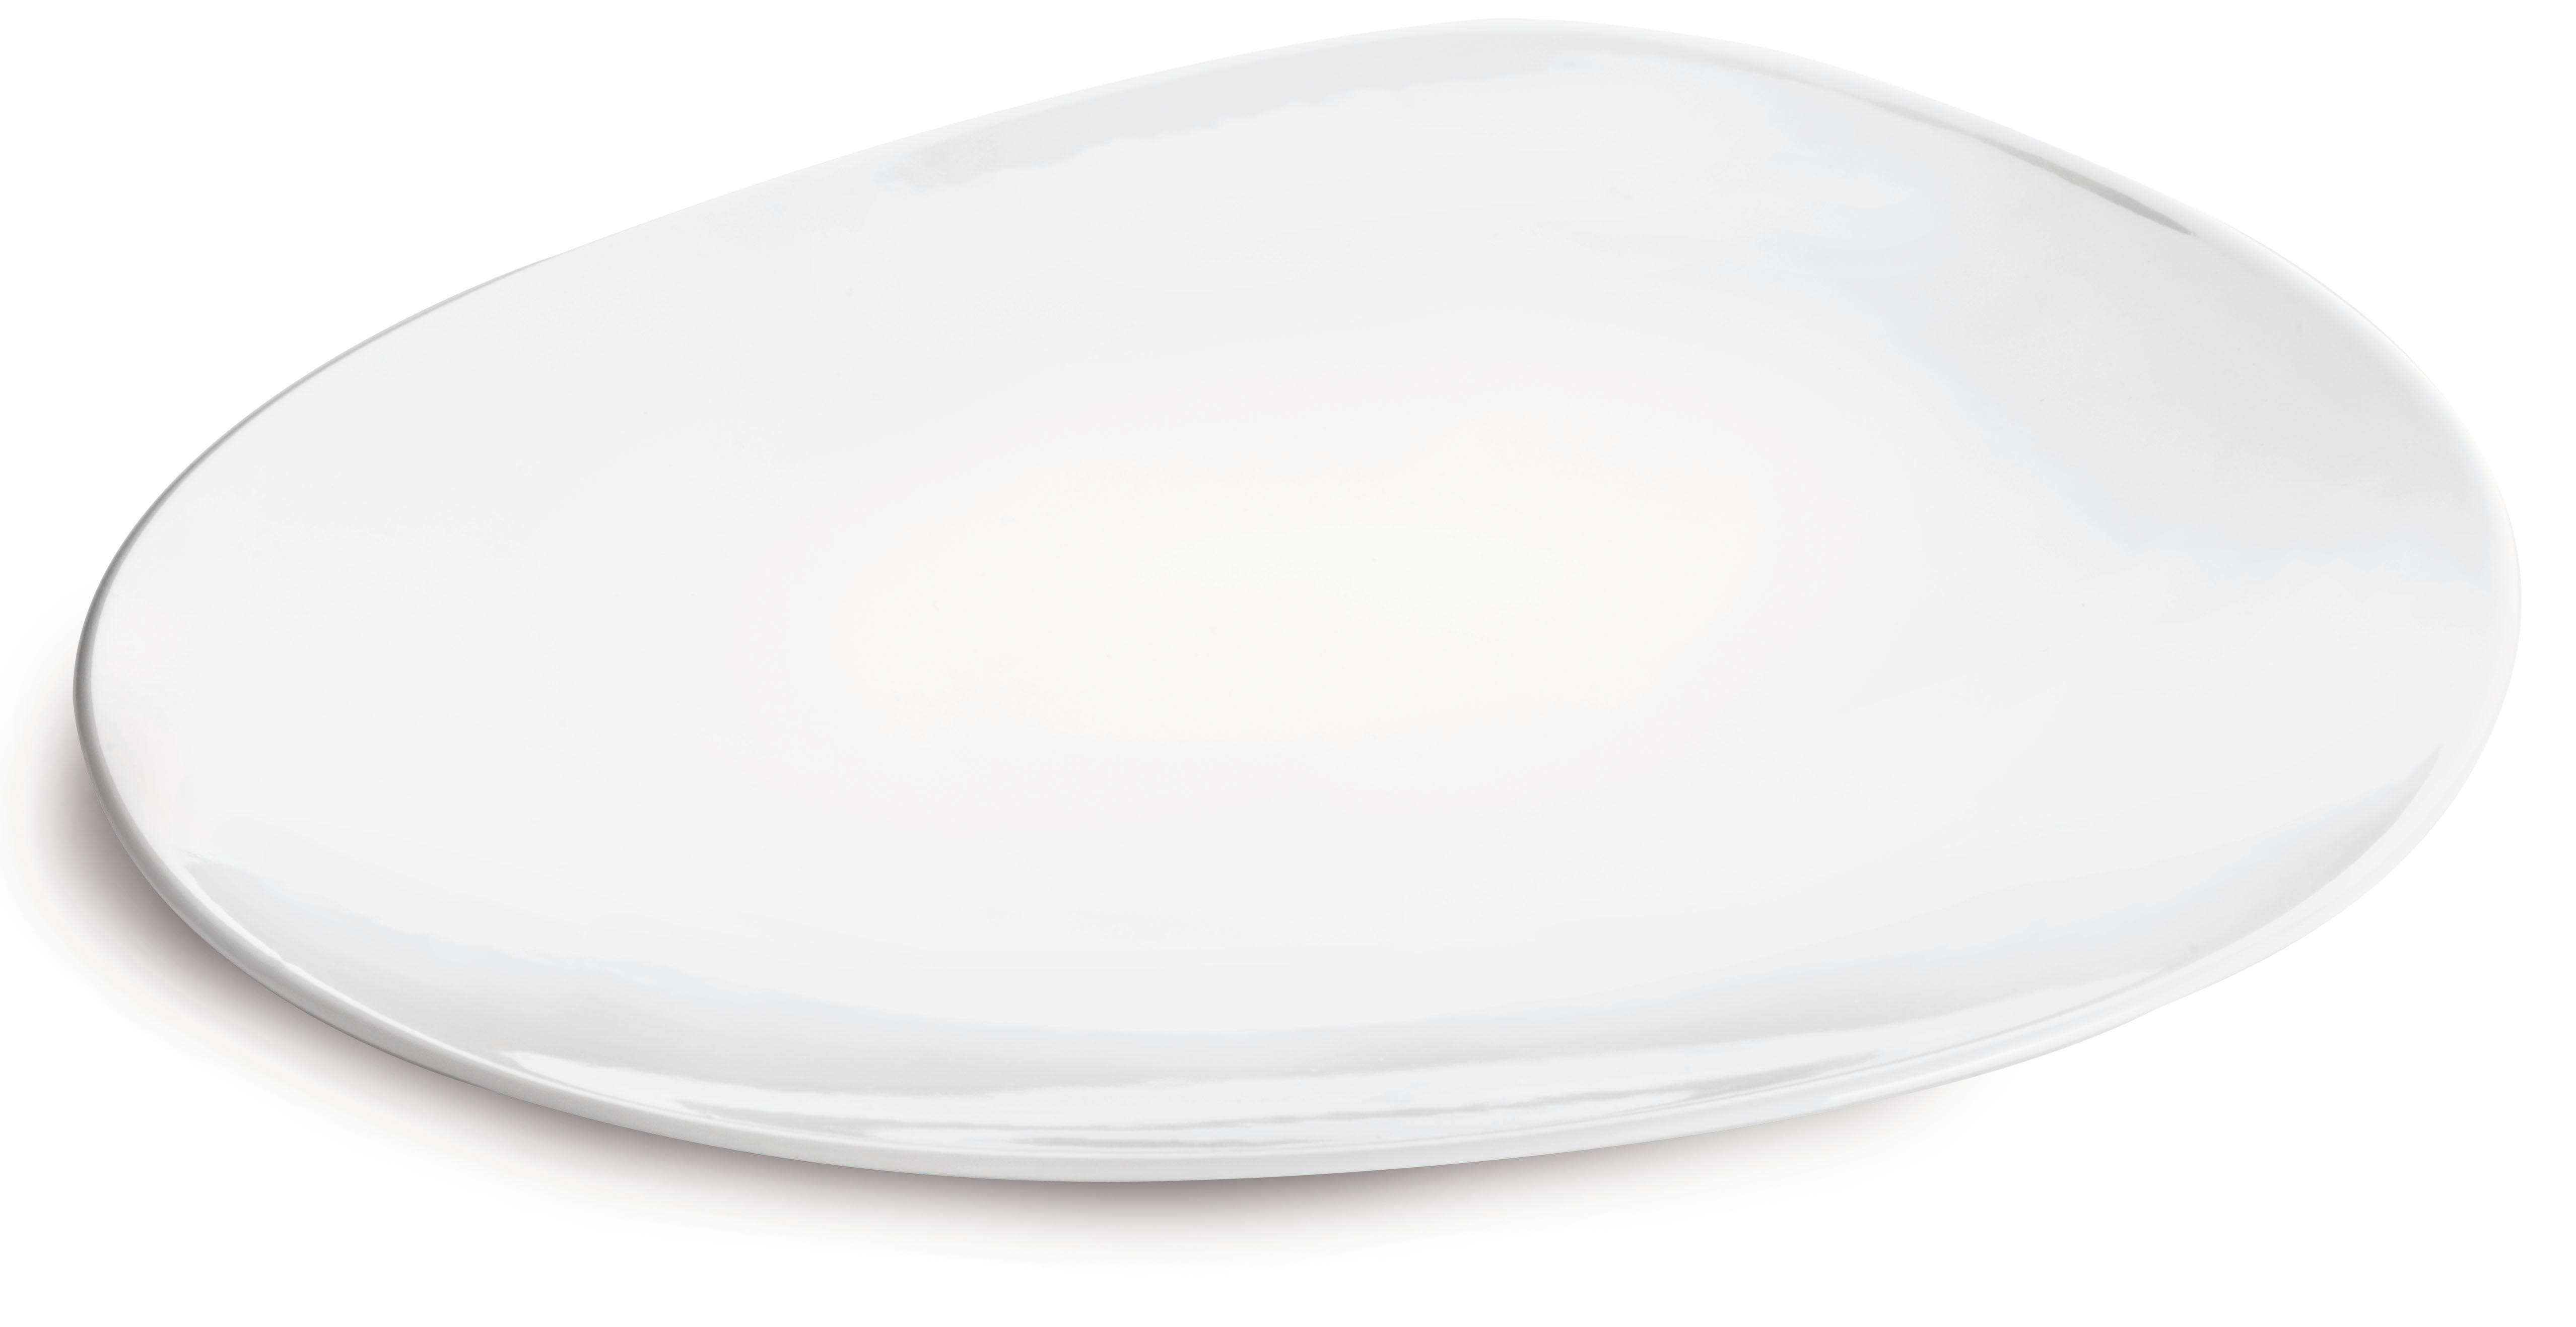 Assiette hôtesse en porcelaine blanche blanc 31 cm - Lot de 6